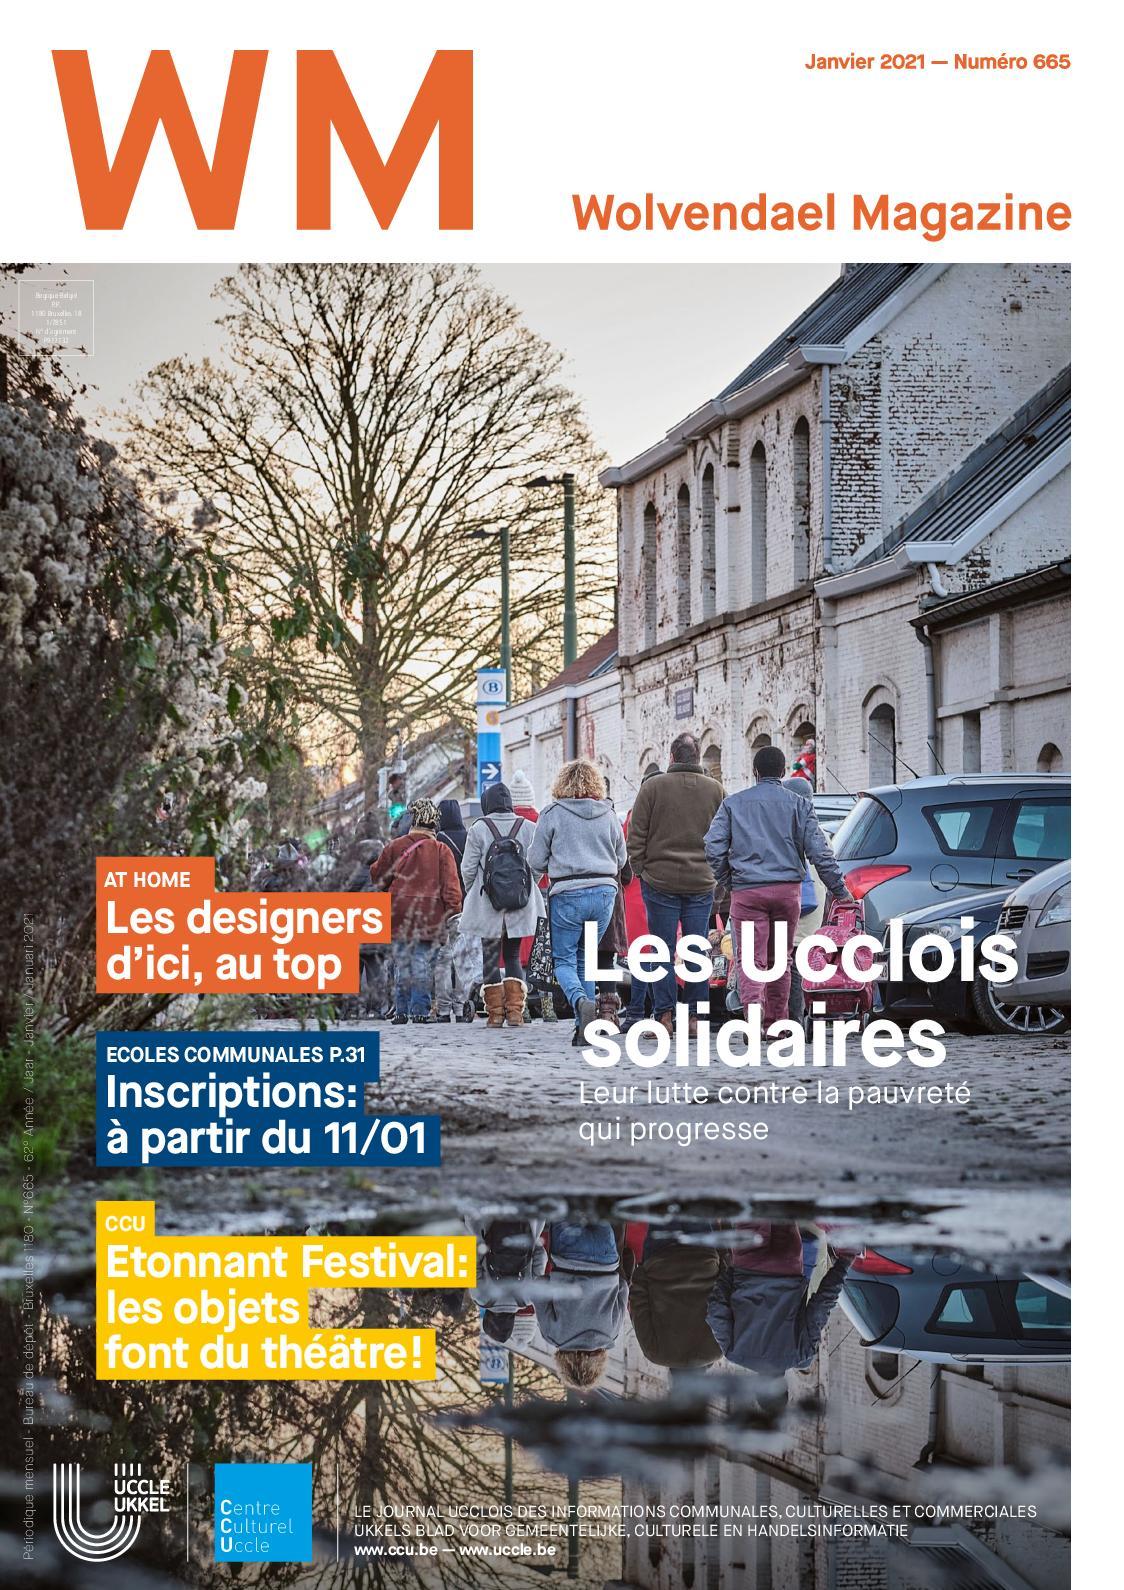 Amour Gloire Et Beauté 7851 : amour, gloire, beauté, Calaméo, Wolvendael, Magazine, Janvier